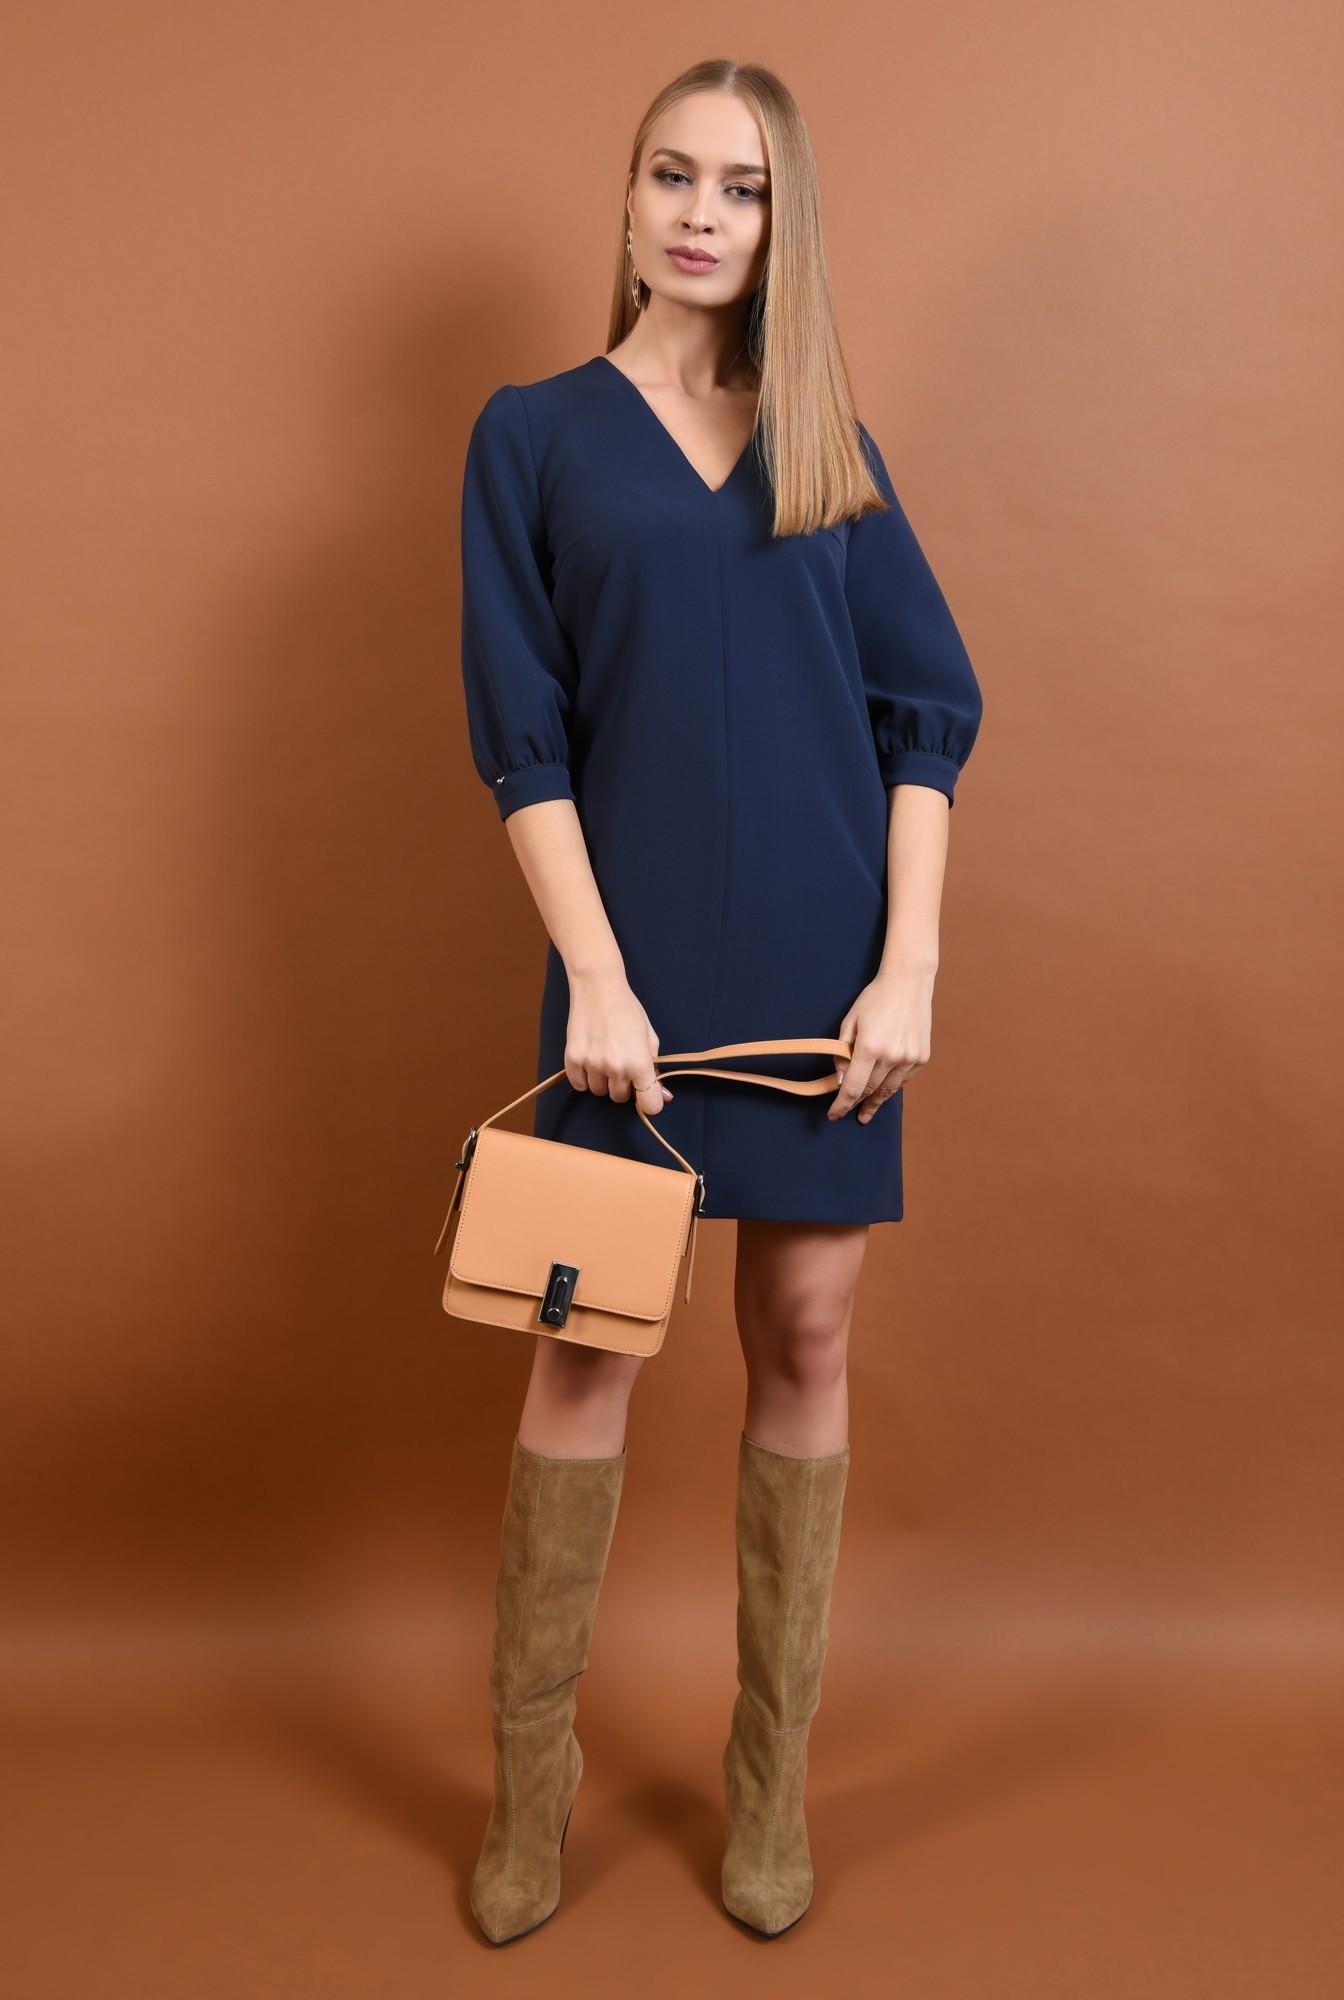 0 - rochie casual, scurta, decolteu, anchior, rochii de dama online